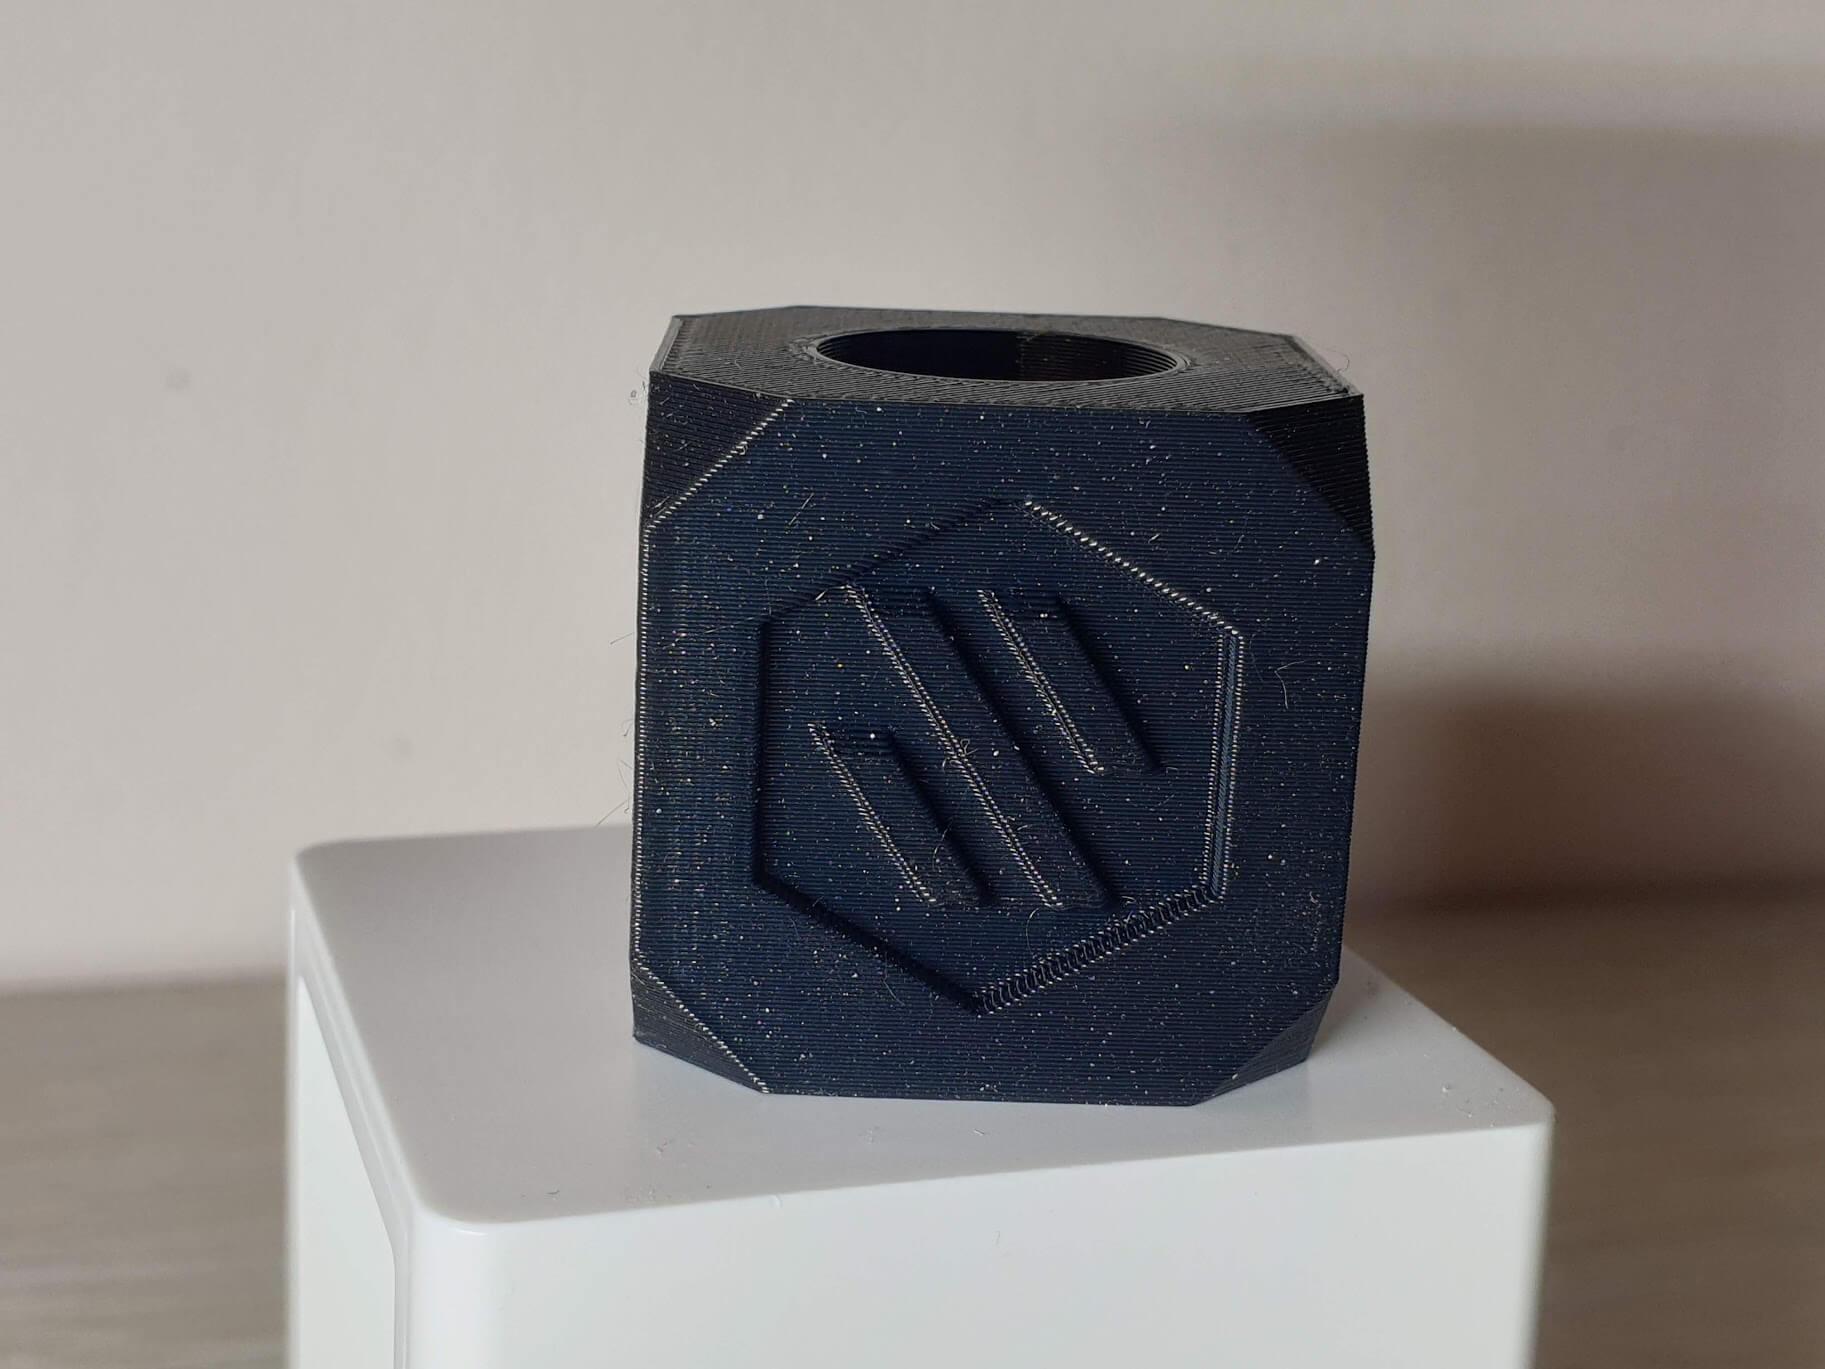 Voron Cube PETG IdeaMaker 3